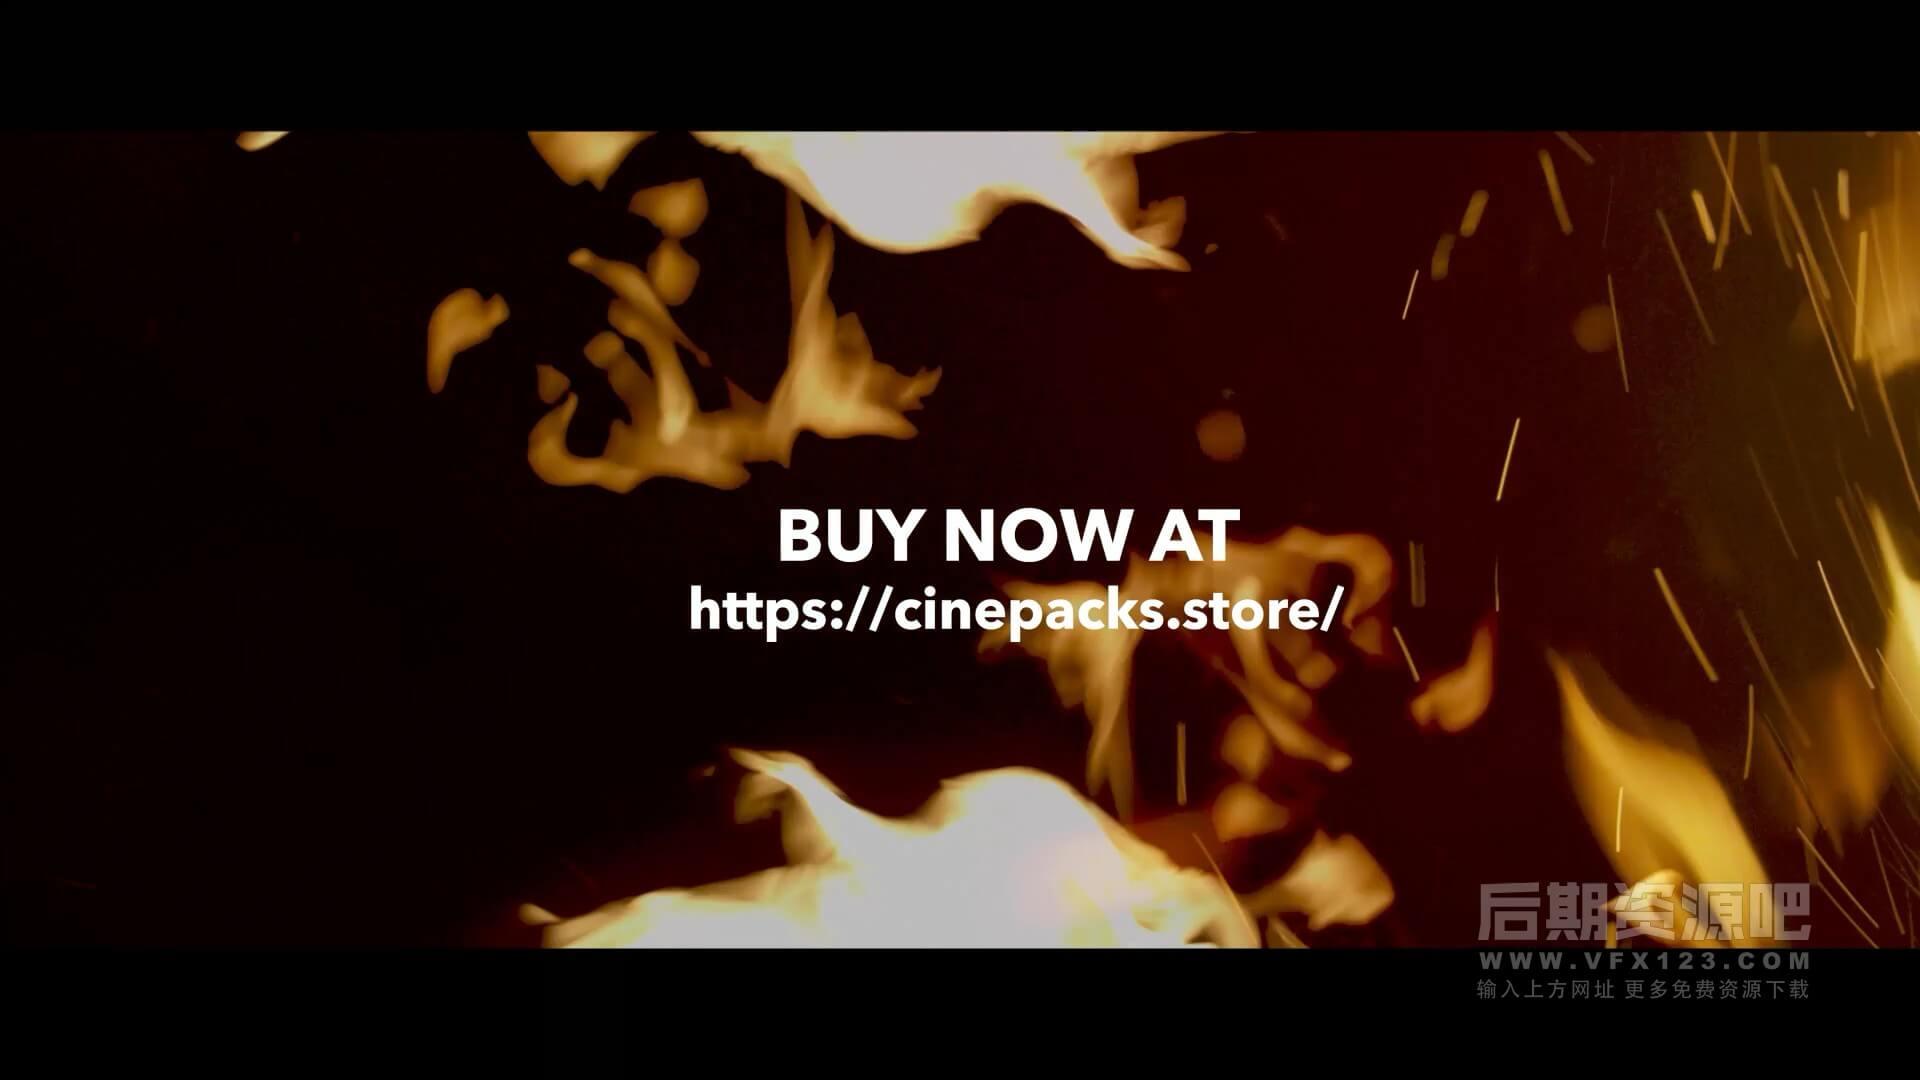 视频素材 4K火焰燃烧特效合成素材 包含音效 CinePacks Fire FX